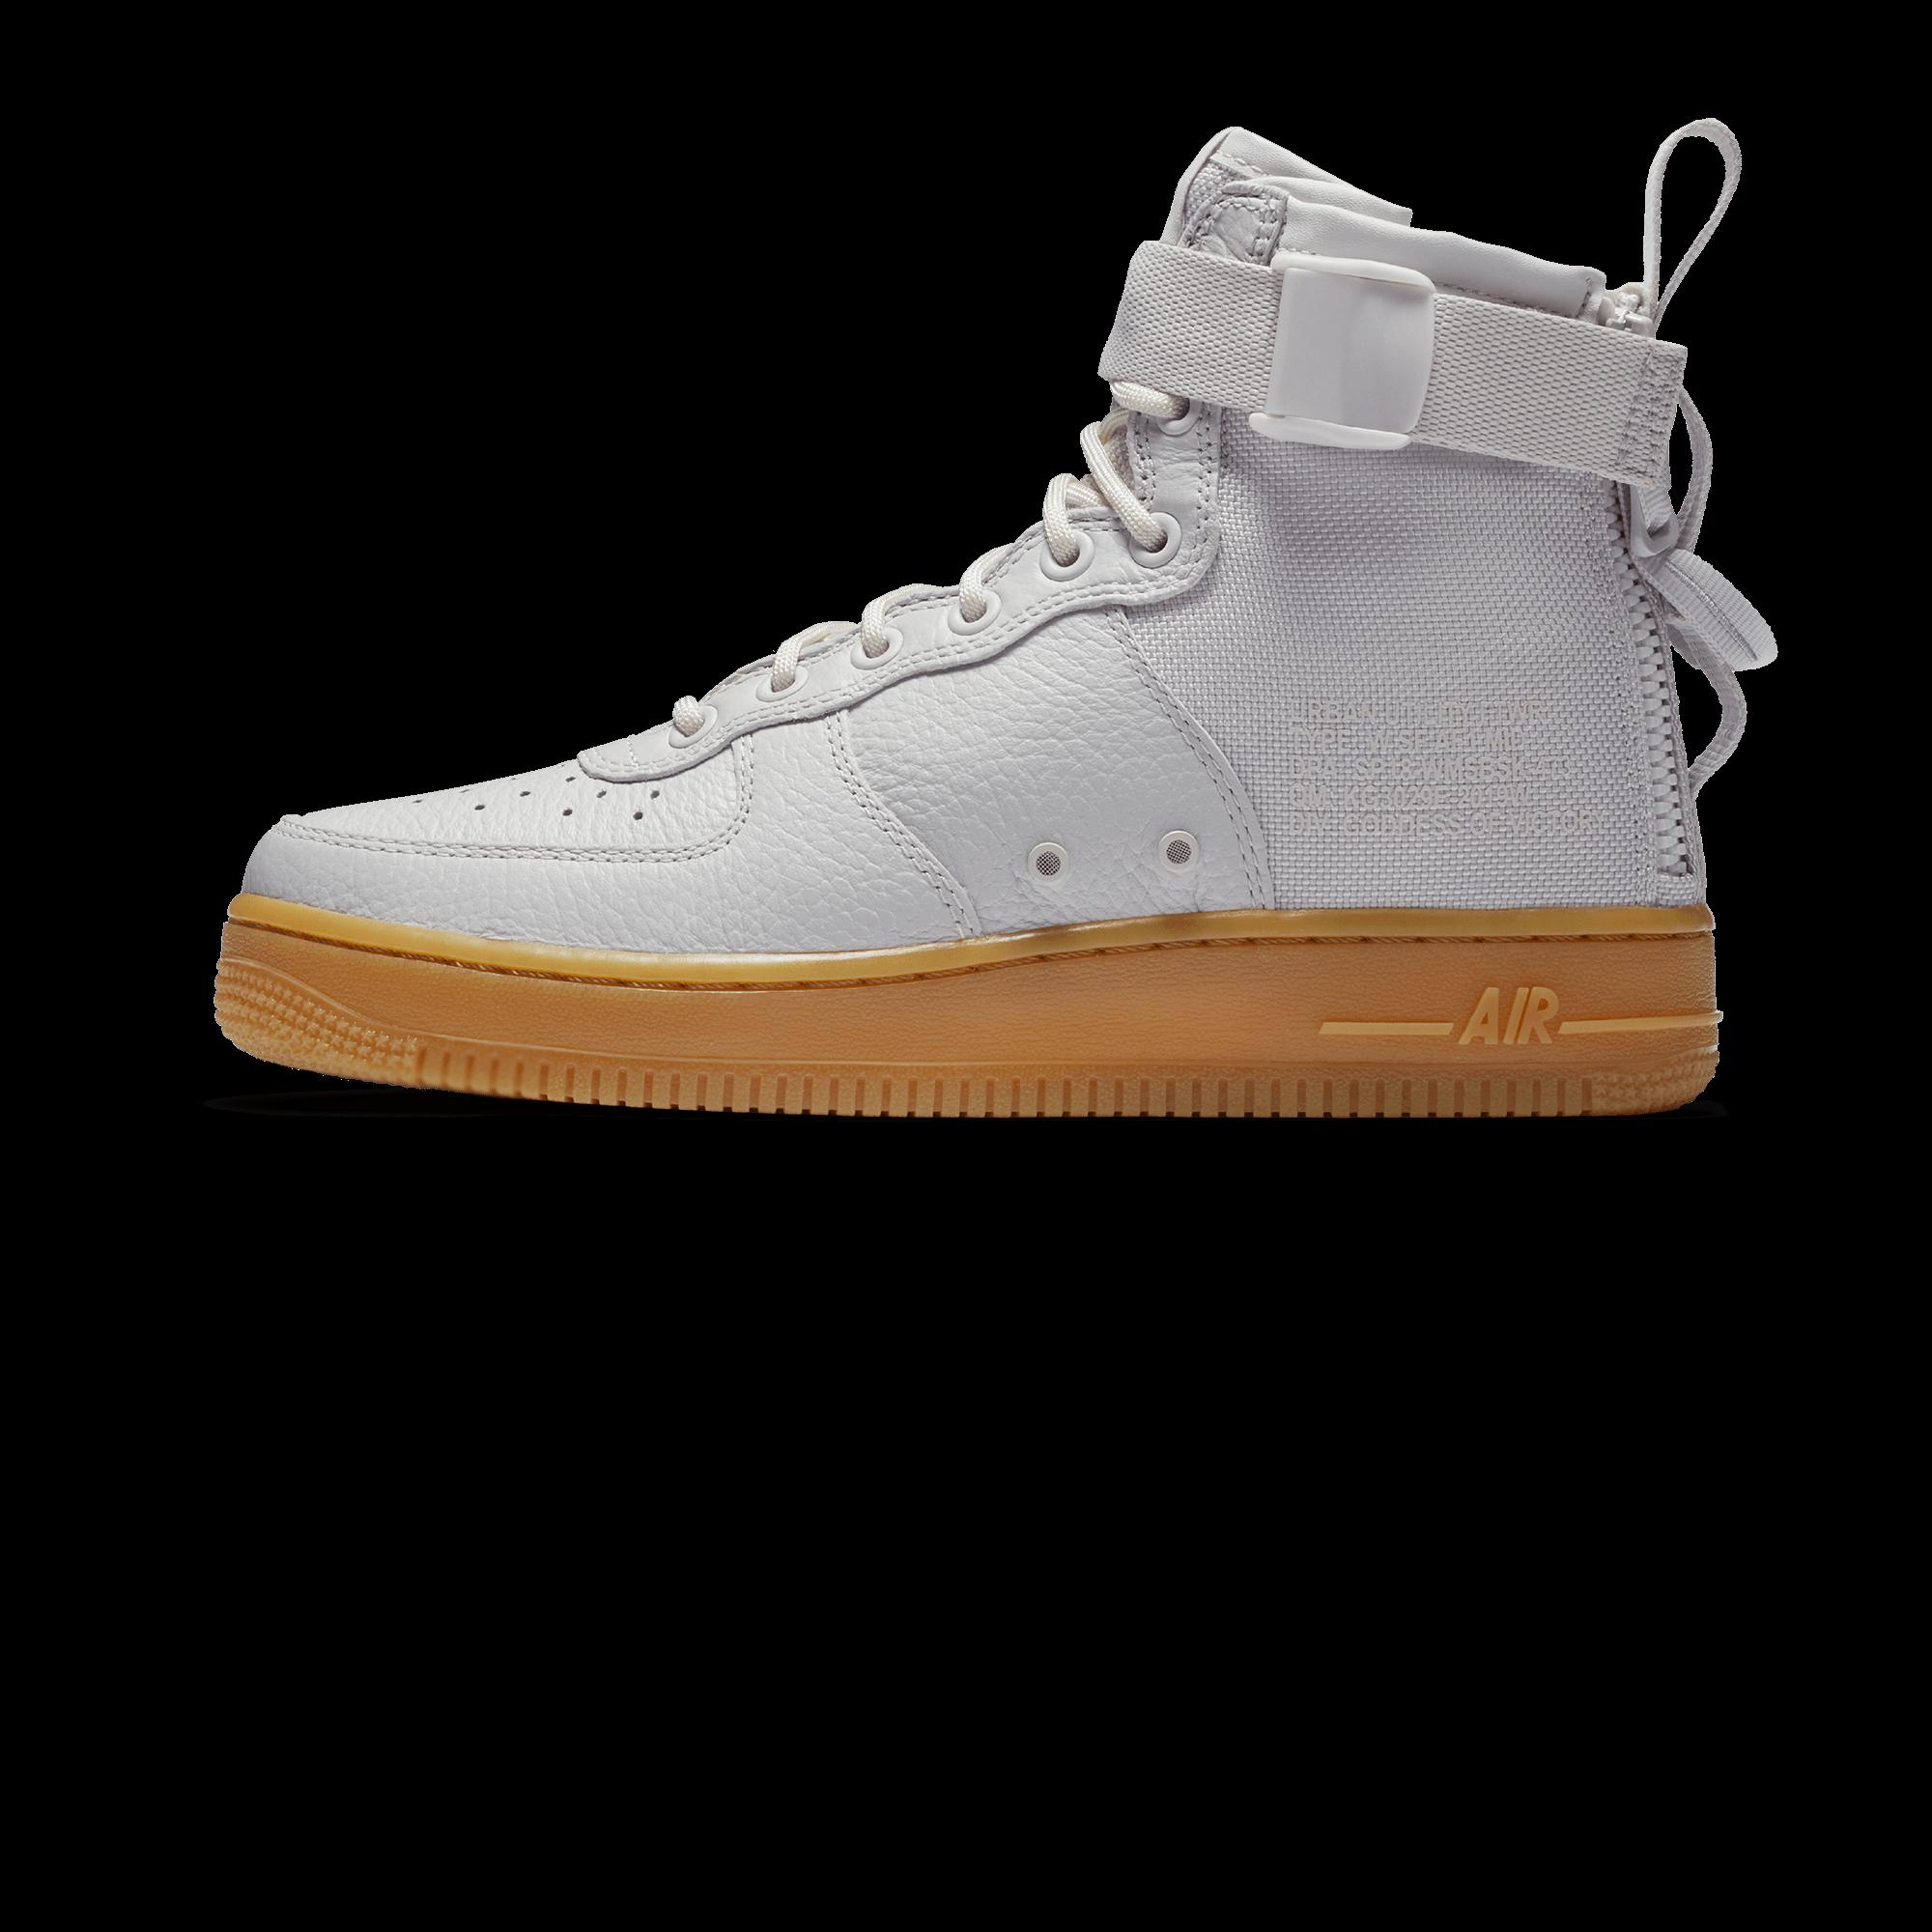 SF Air Force 1 W vast grey/gum